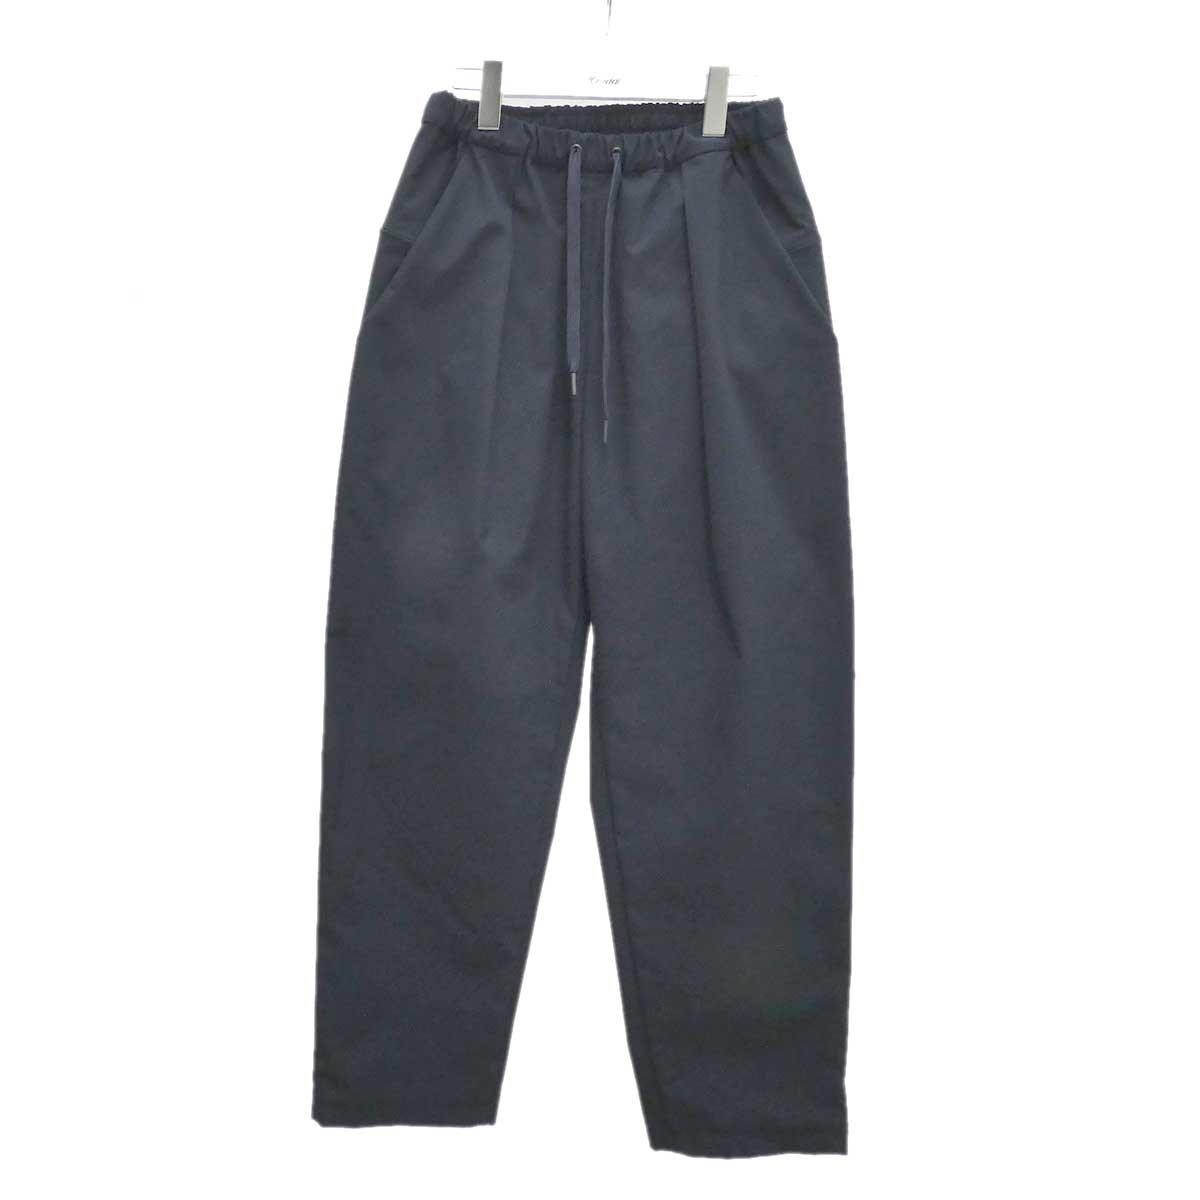 【中古】TEATORA WALLET PANTS RESORT Solomodule パンツ ネイビー サイズ:1 【240720】(テアトラ)